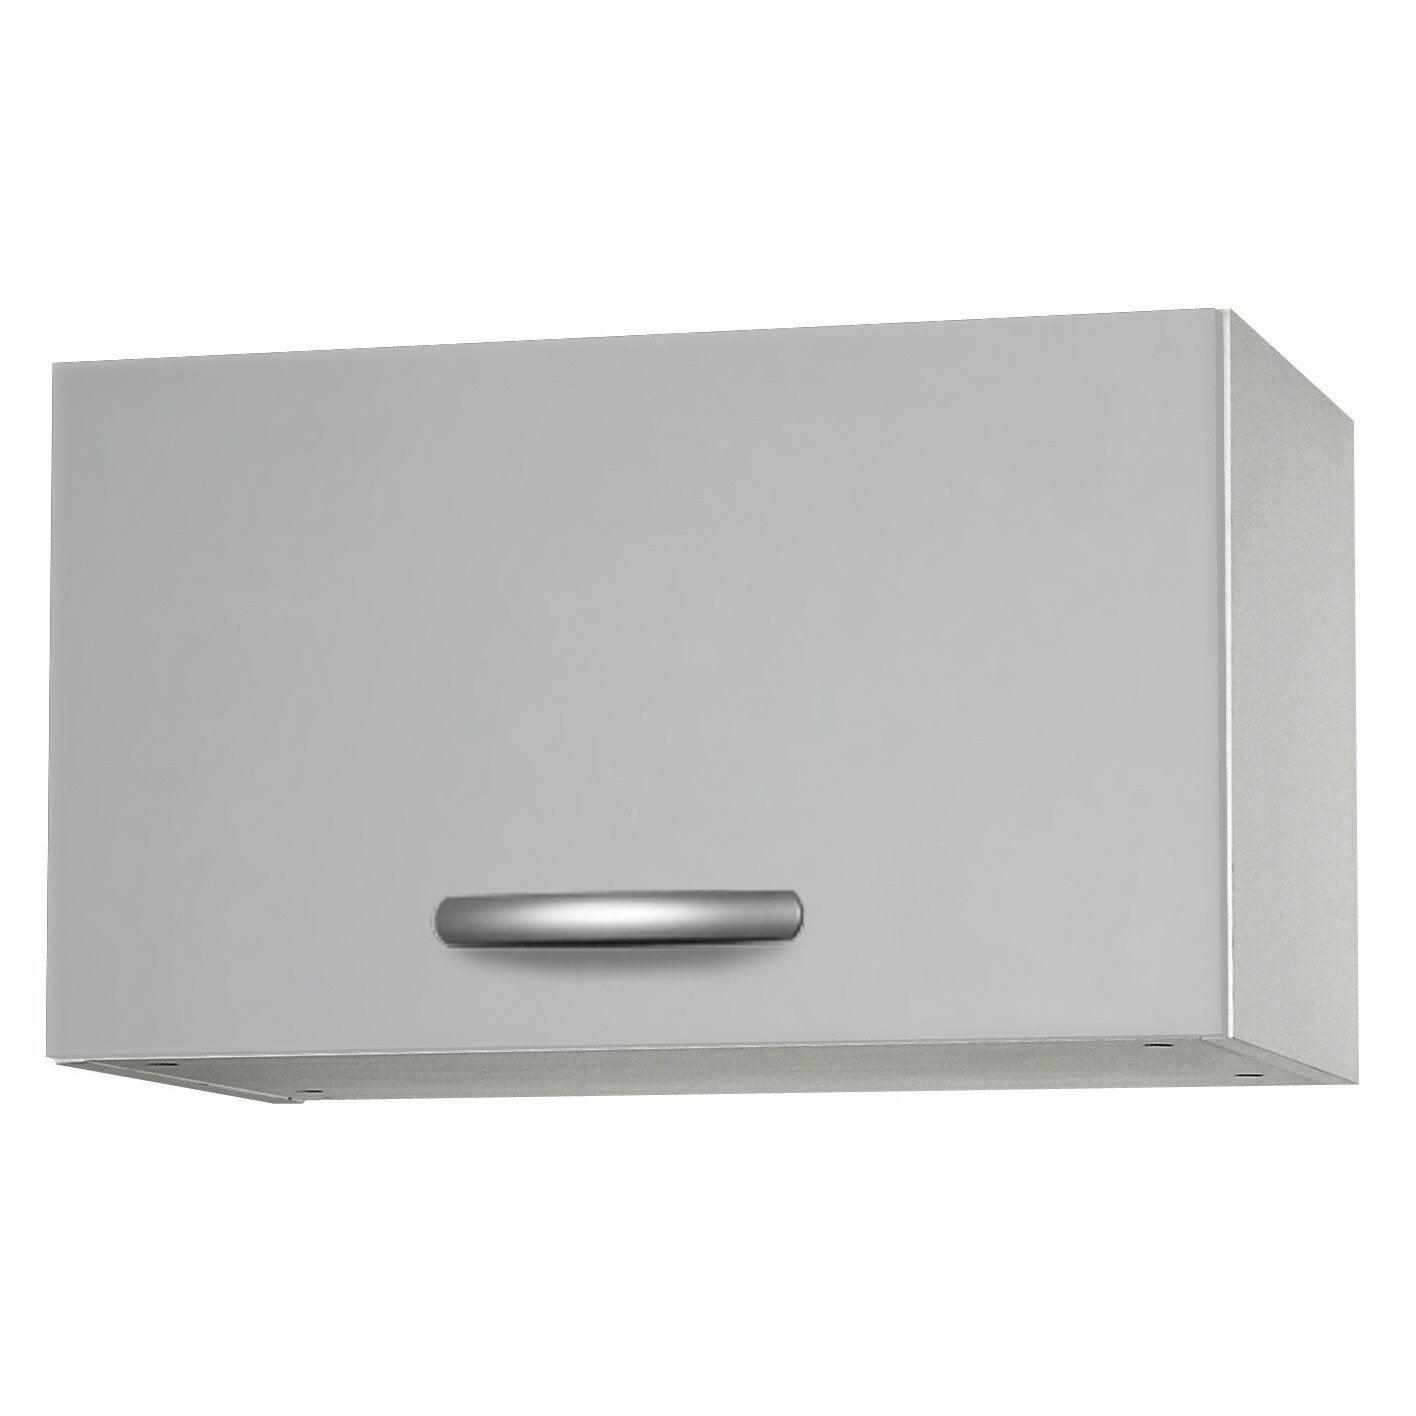 Meuble de cuisine haut 1 porte gris aluminium for Porte facade cuisine leroy merlin